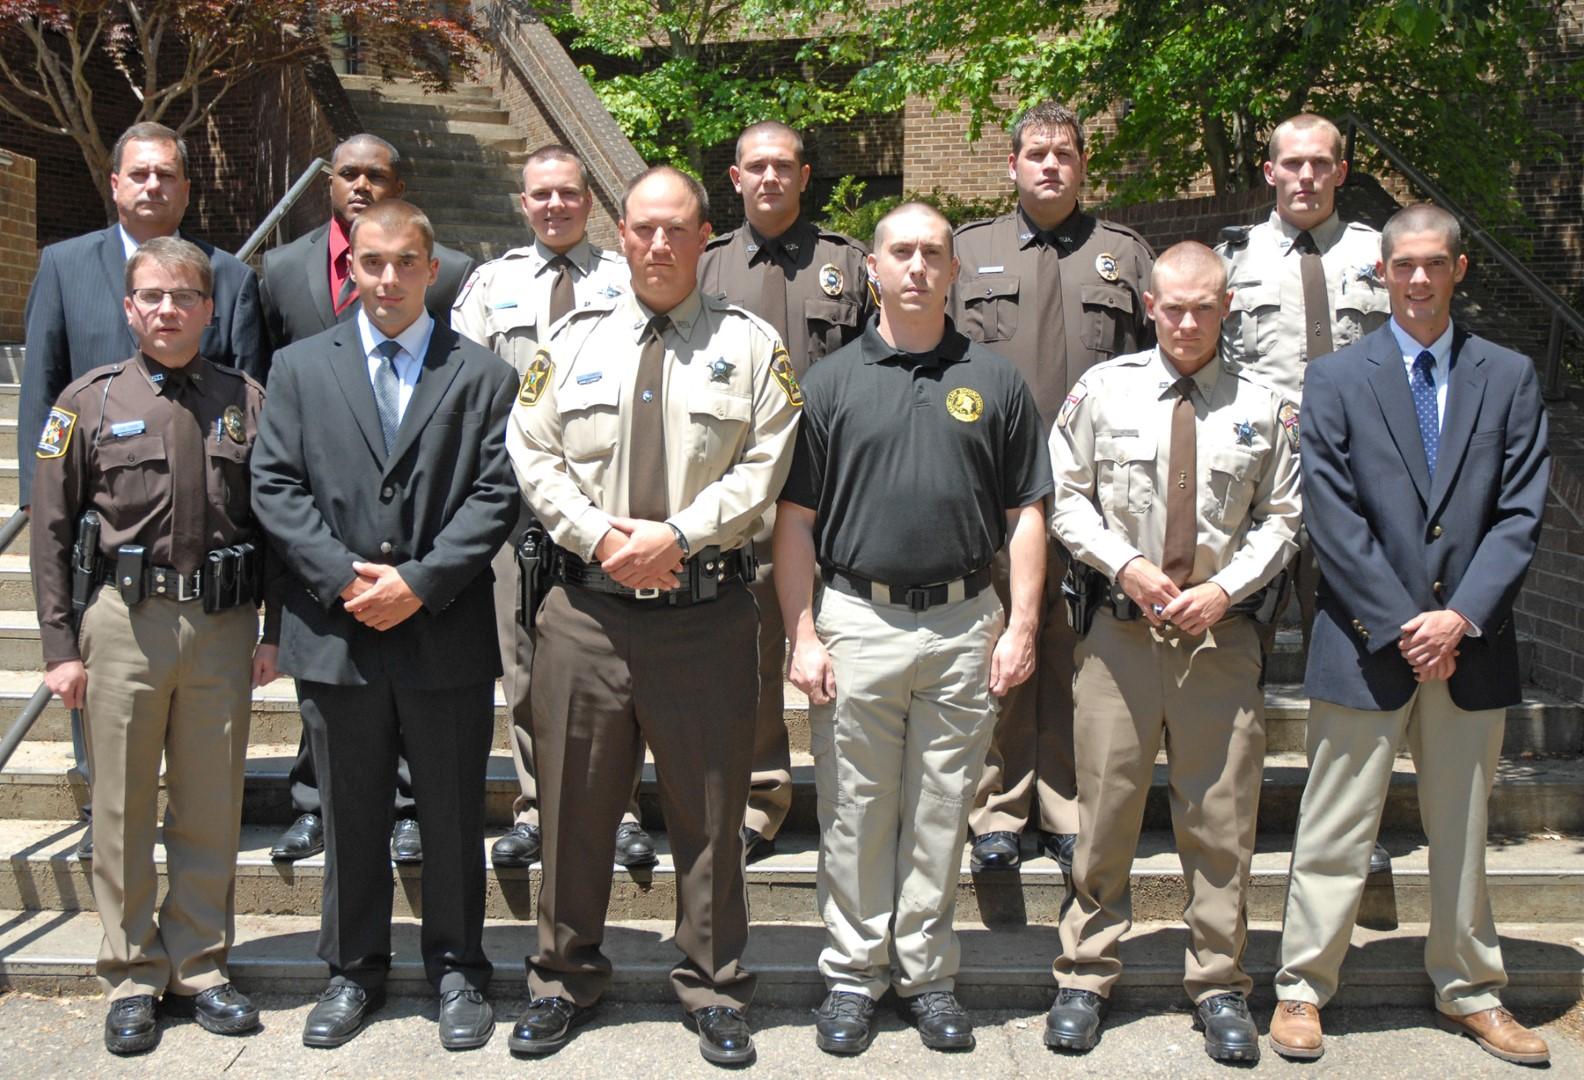 Vgcc Graduates 11 Law Enforcement Cadets In Schools 98th Blet Class